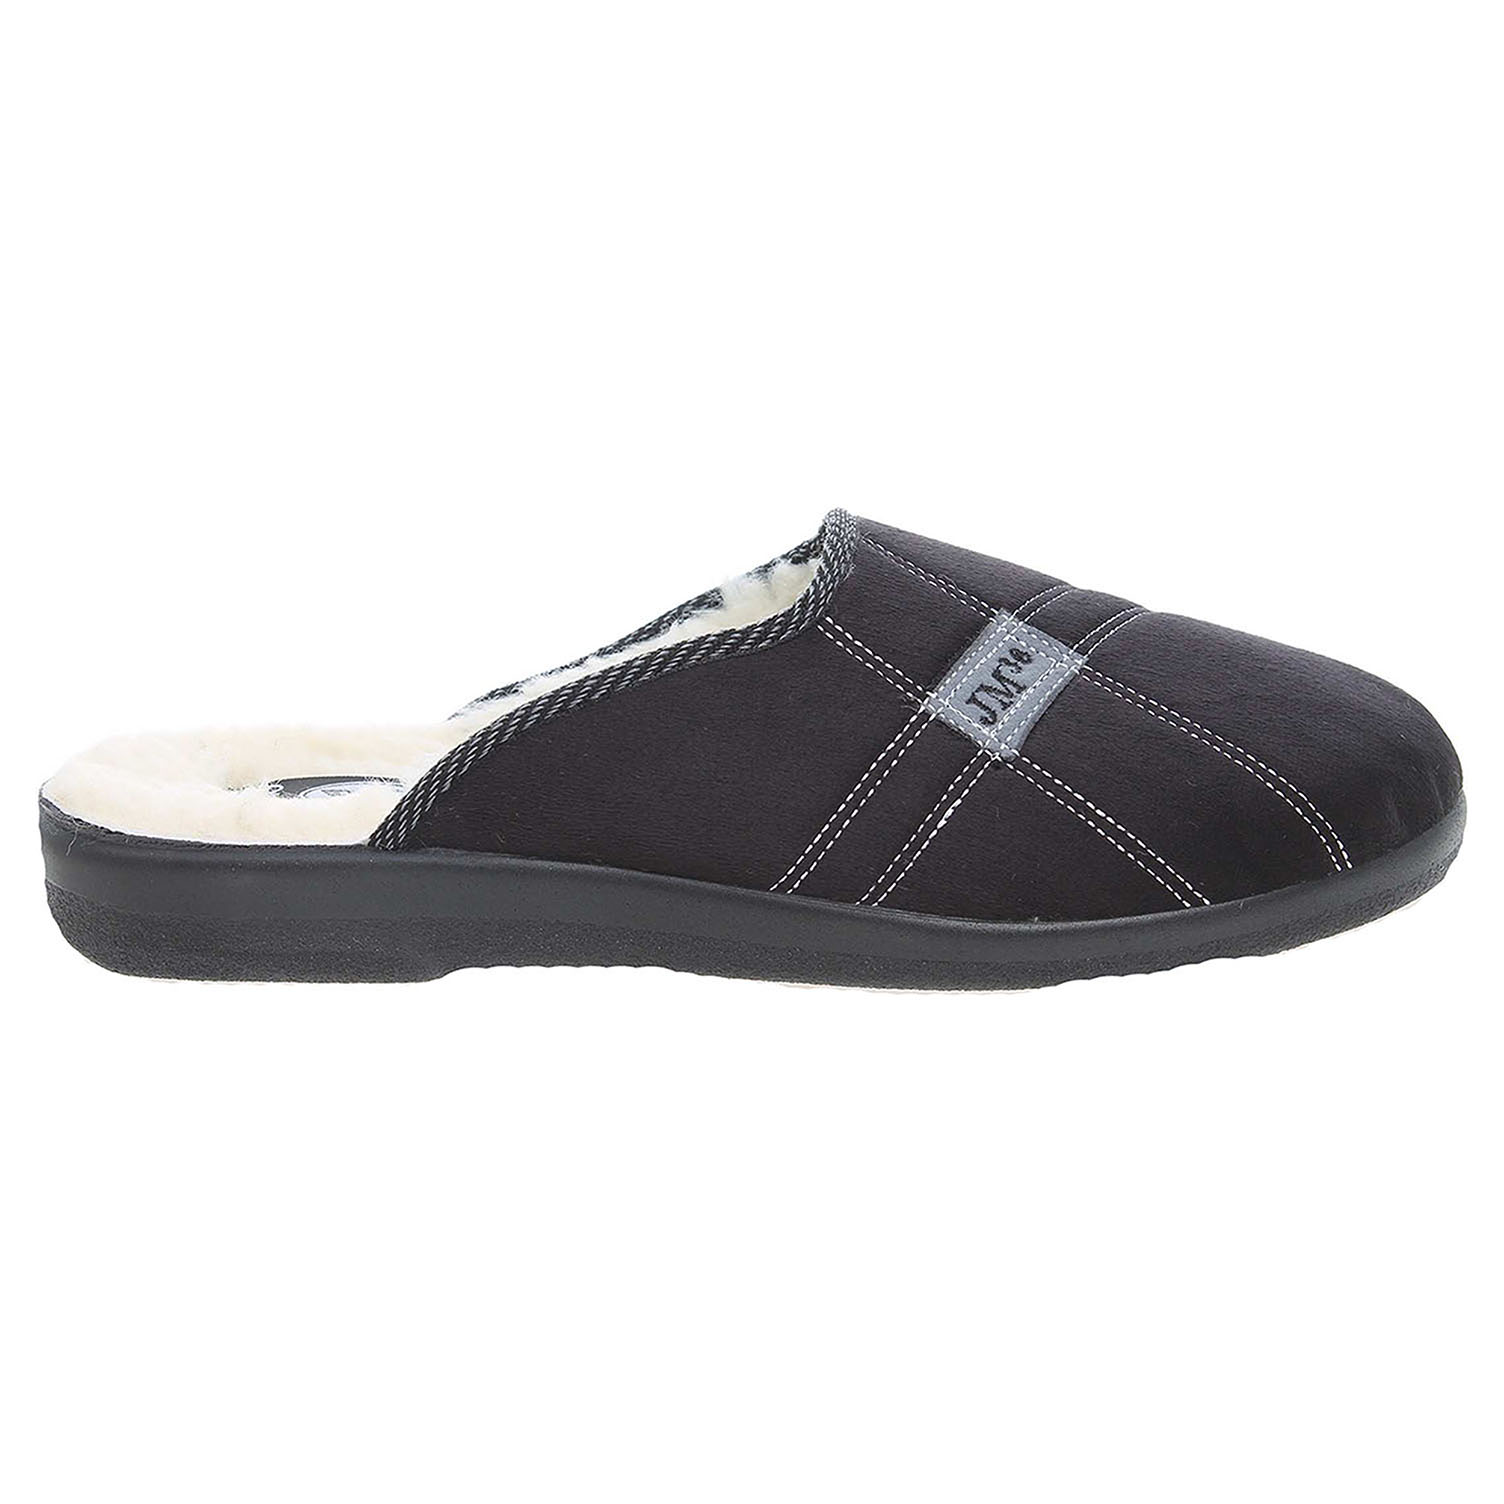 Ecco Rogallo pánské domácí pantofle 4110-006 černé 24800222